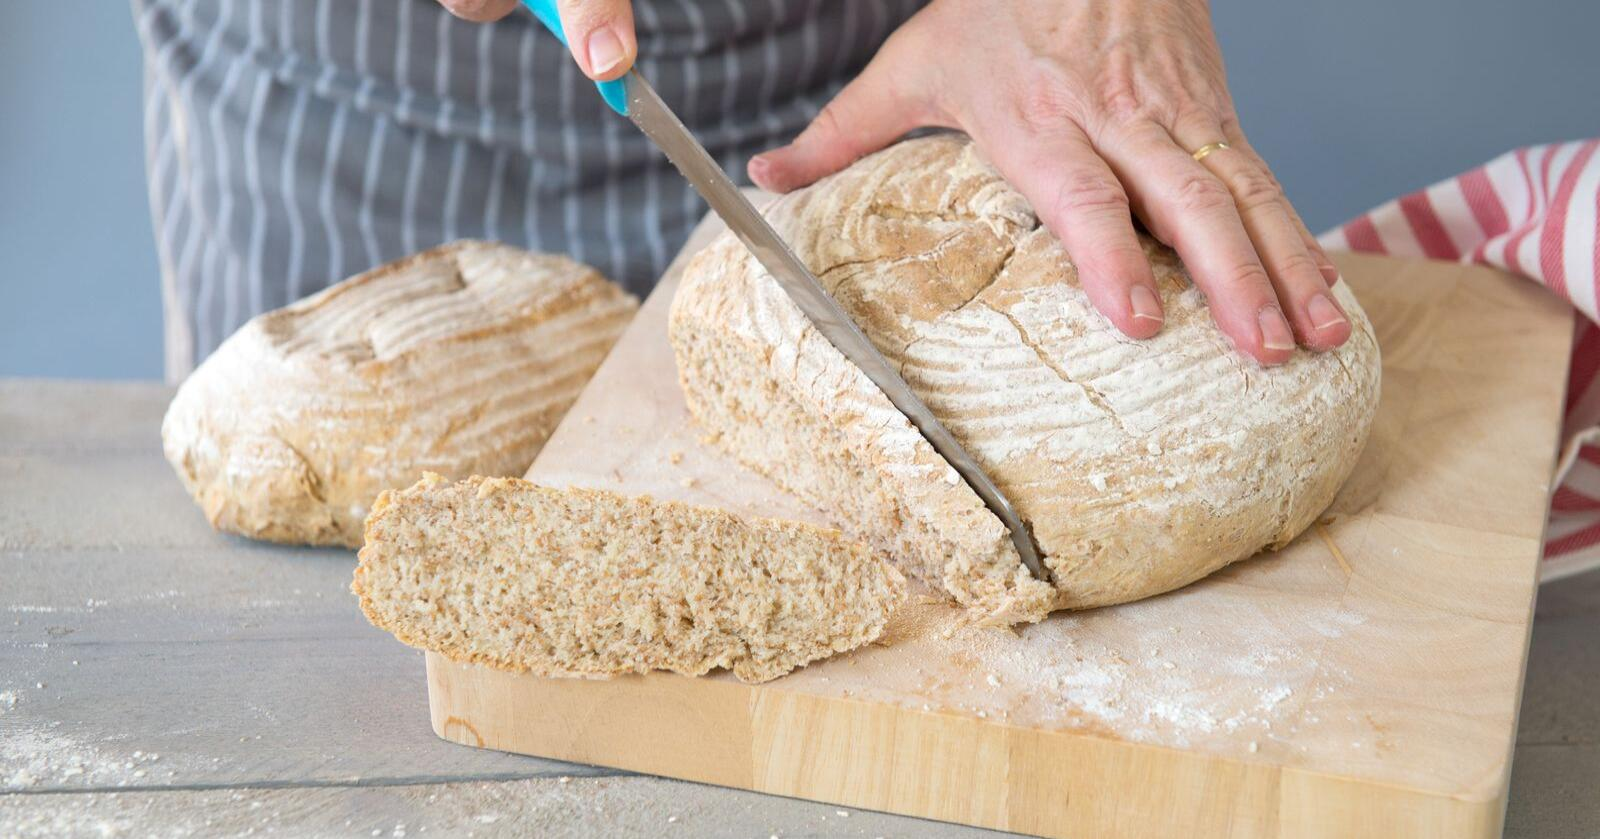 I brødet: Muggsoppgiften DON finnes i nesten alle kornvarer, så vi får vi det i oss kontinuerlig. Foto: Mostphotos